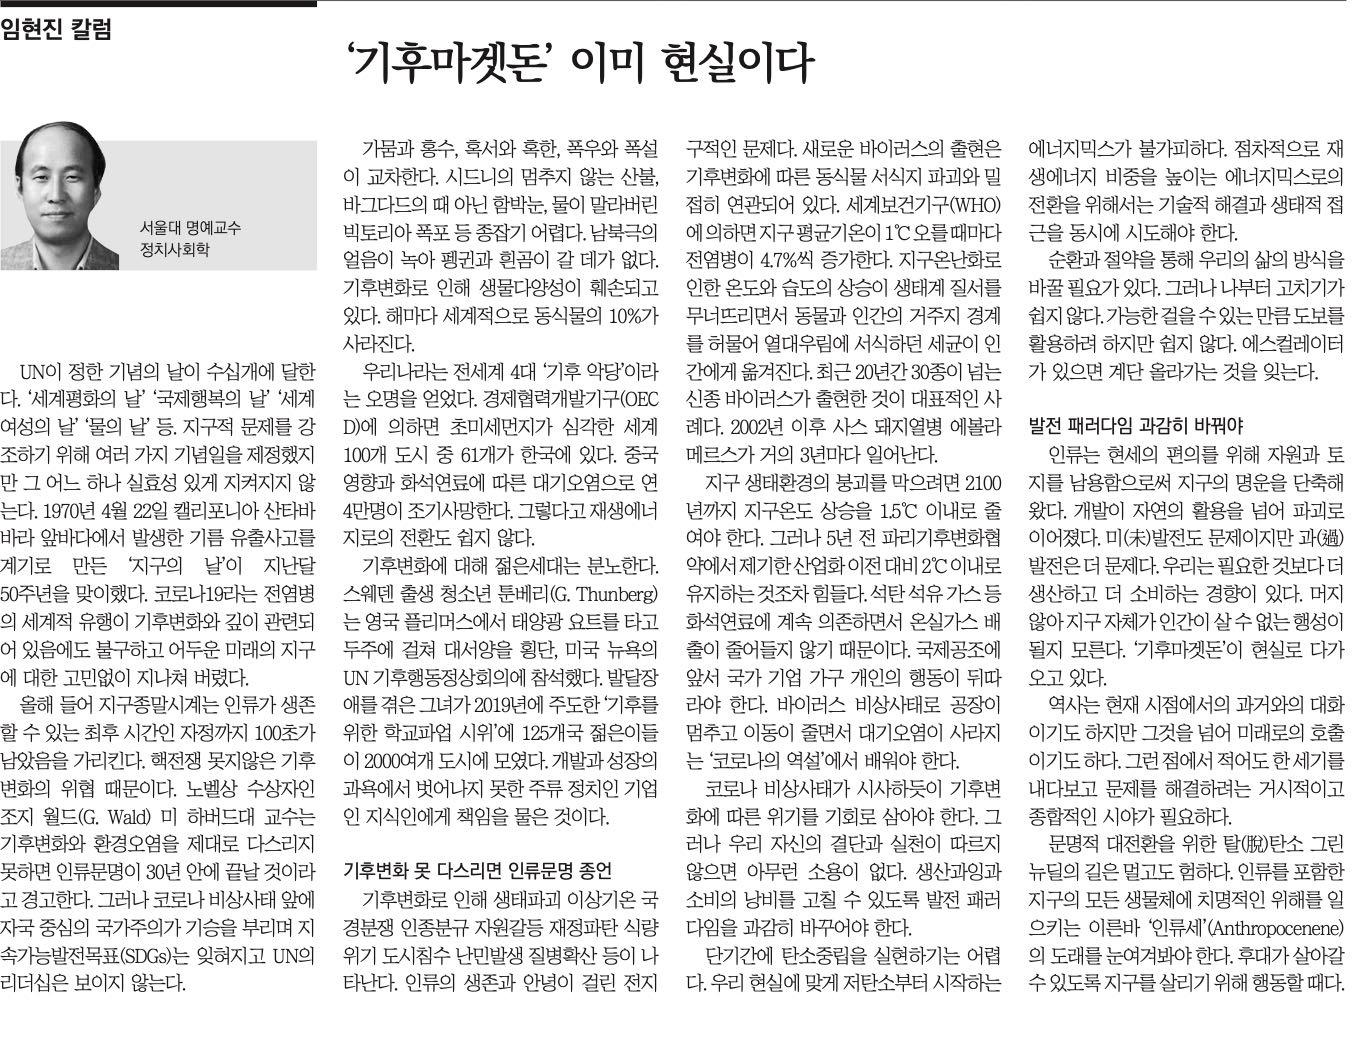 [내일신문] 임현진 칼럼 – '기후마겟돈' 이미 현실이다